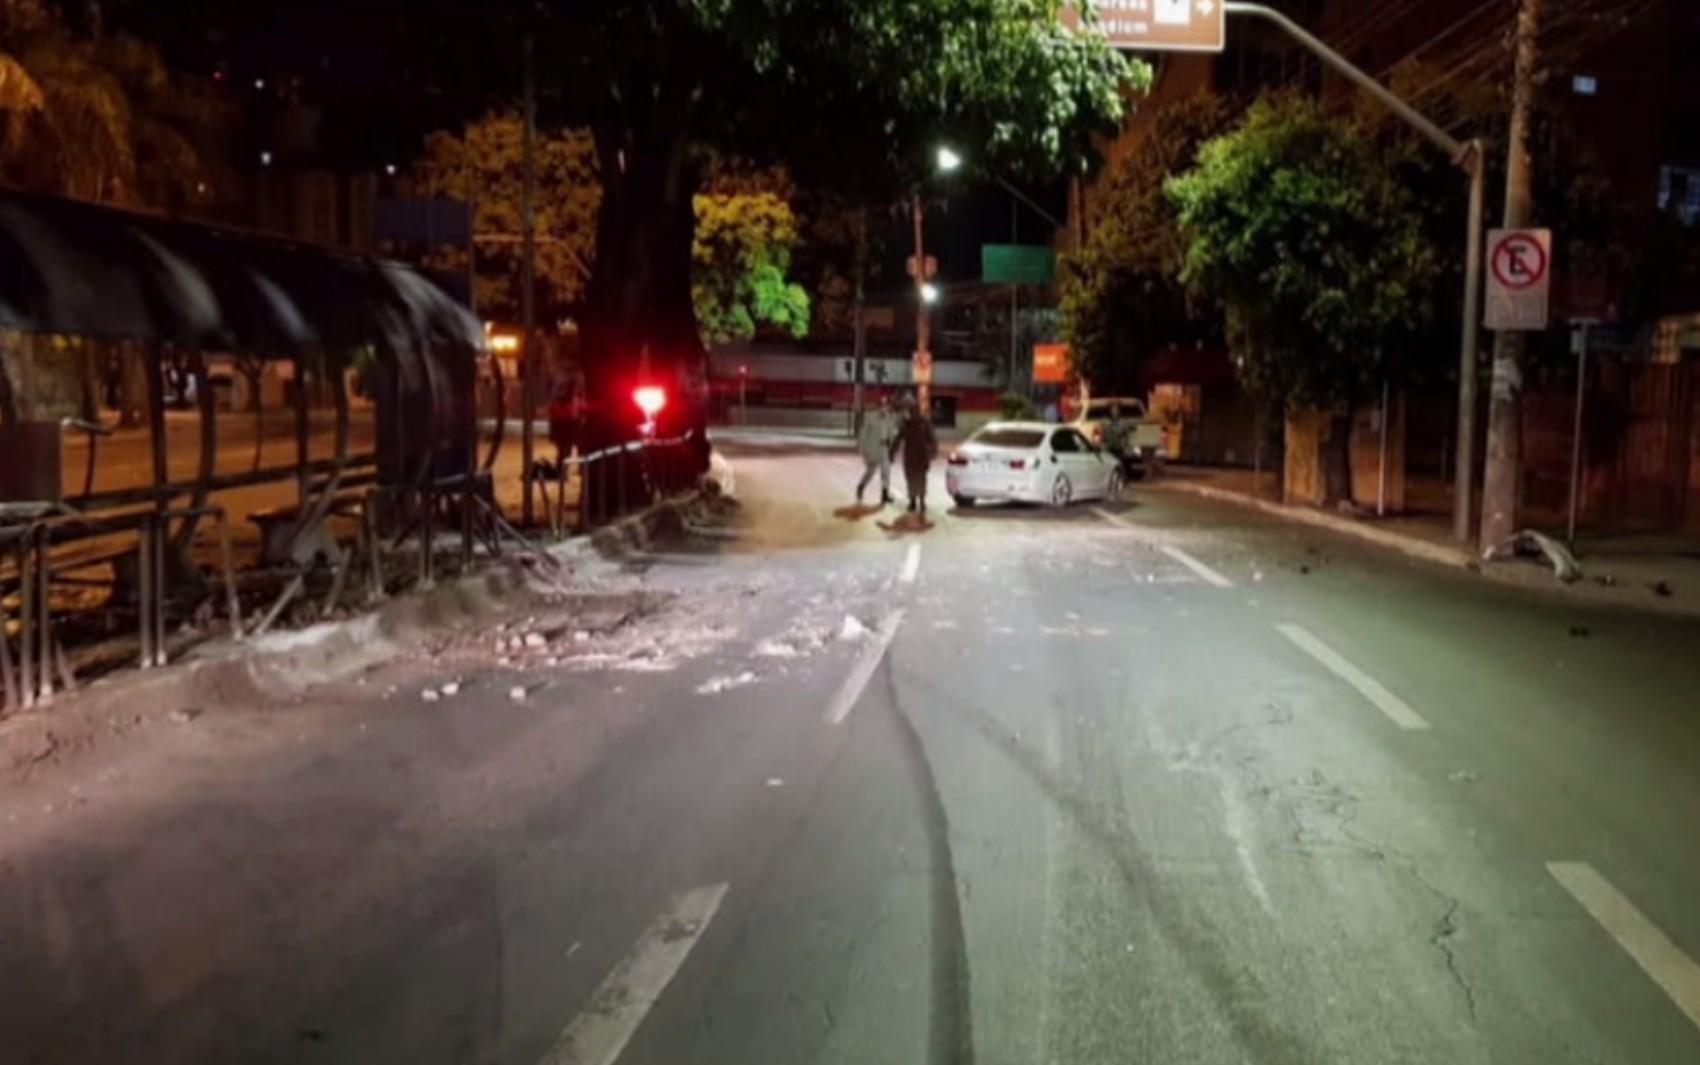 Jovem embriagado é preso após bater carro de luxo contra proteção de ponto de ônibus em Goiânia, diz polícia